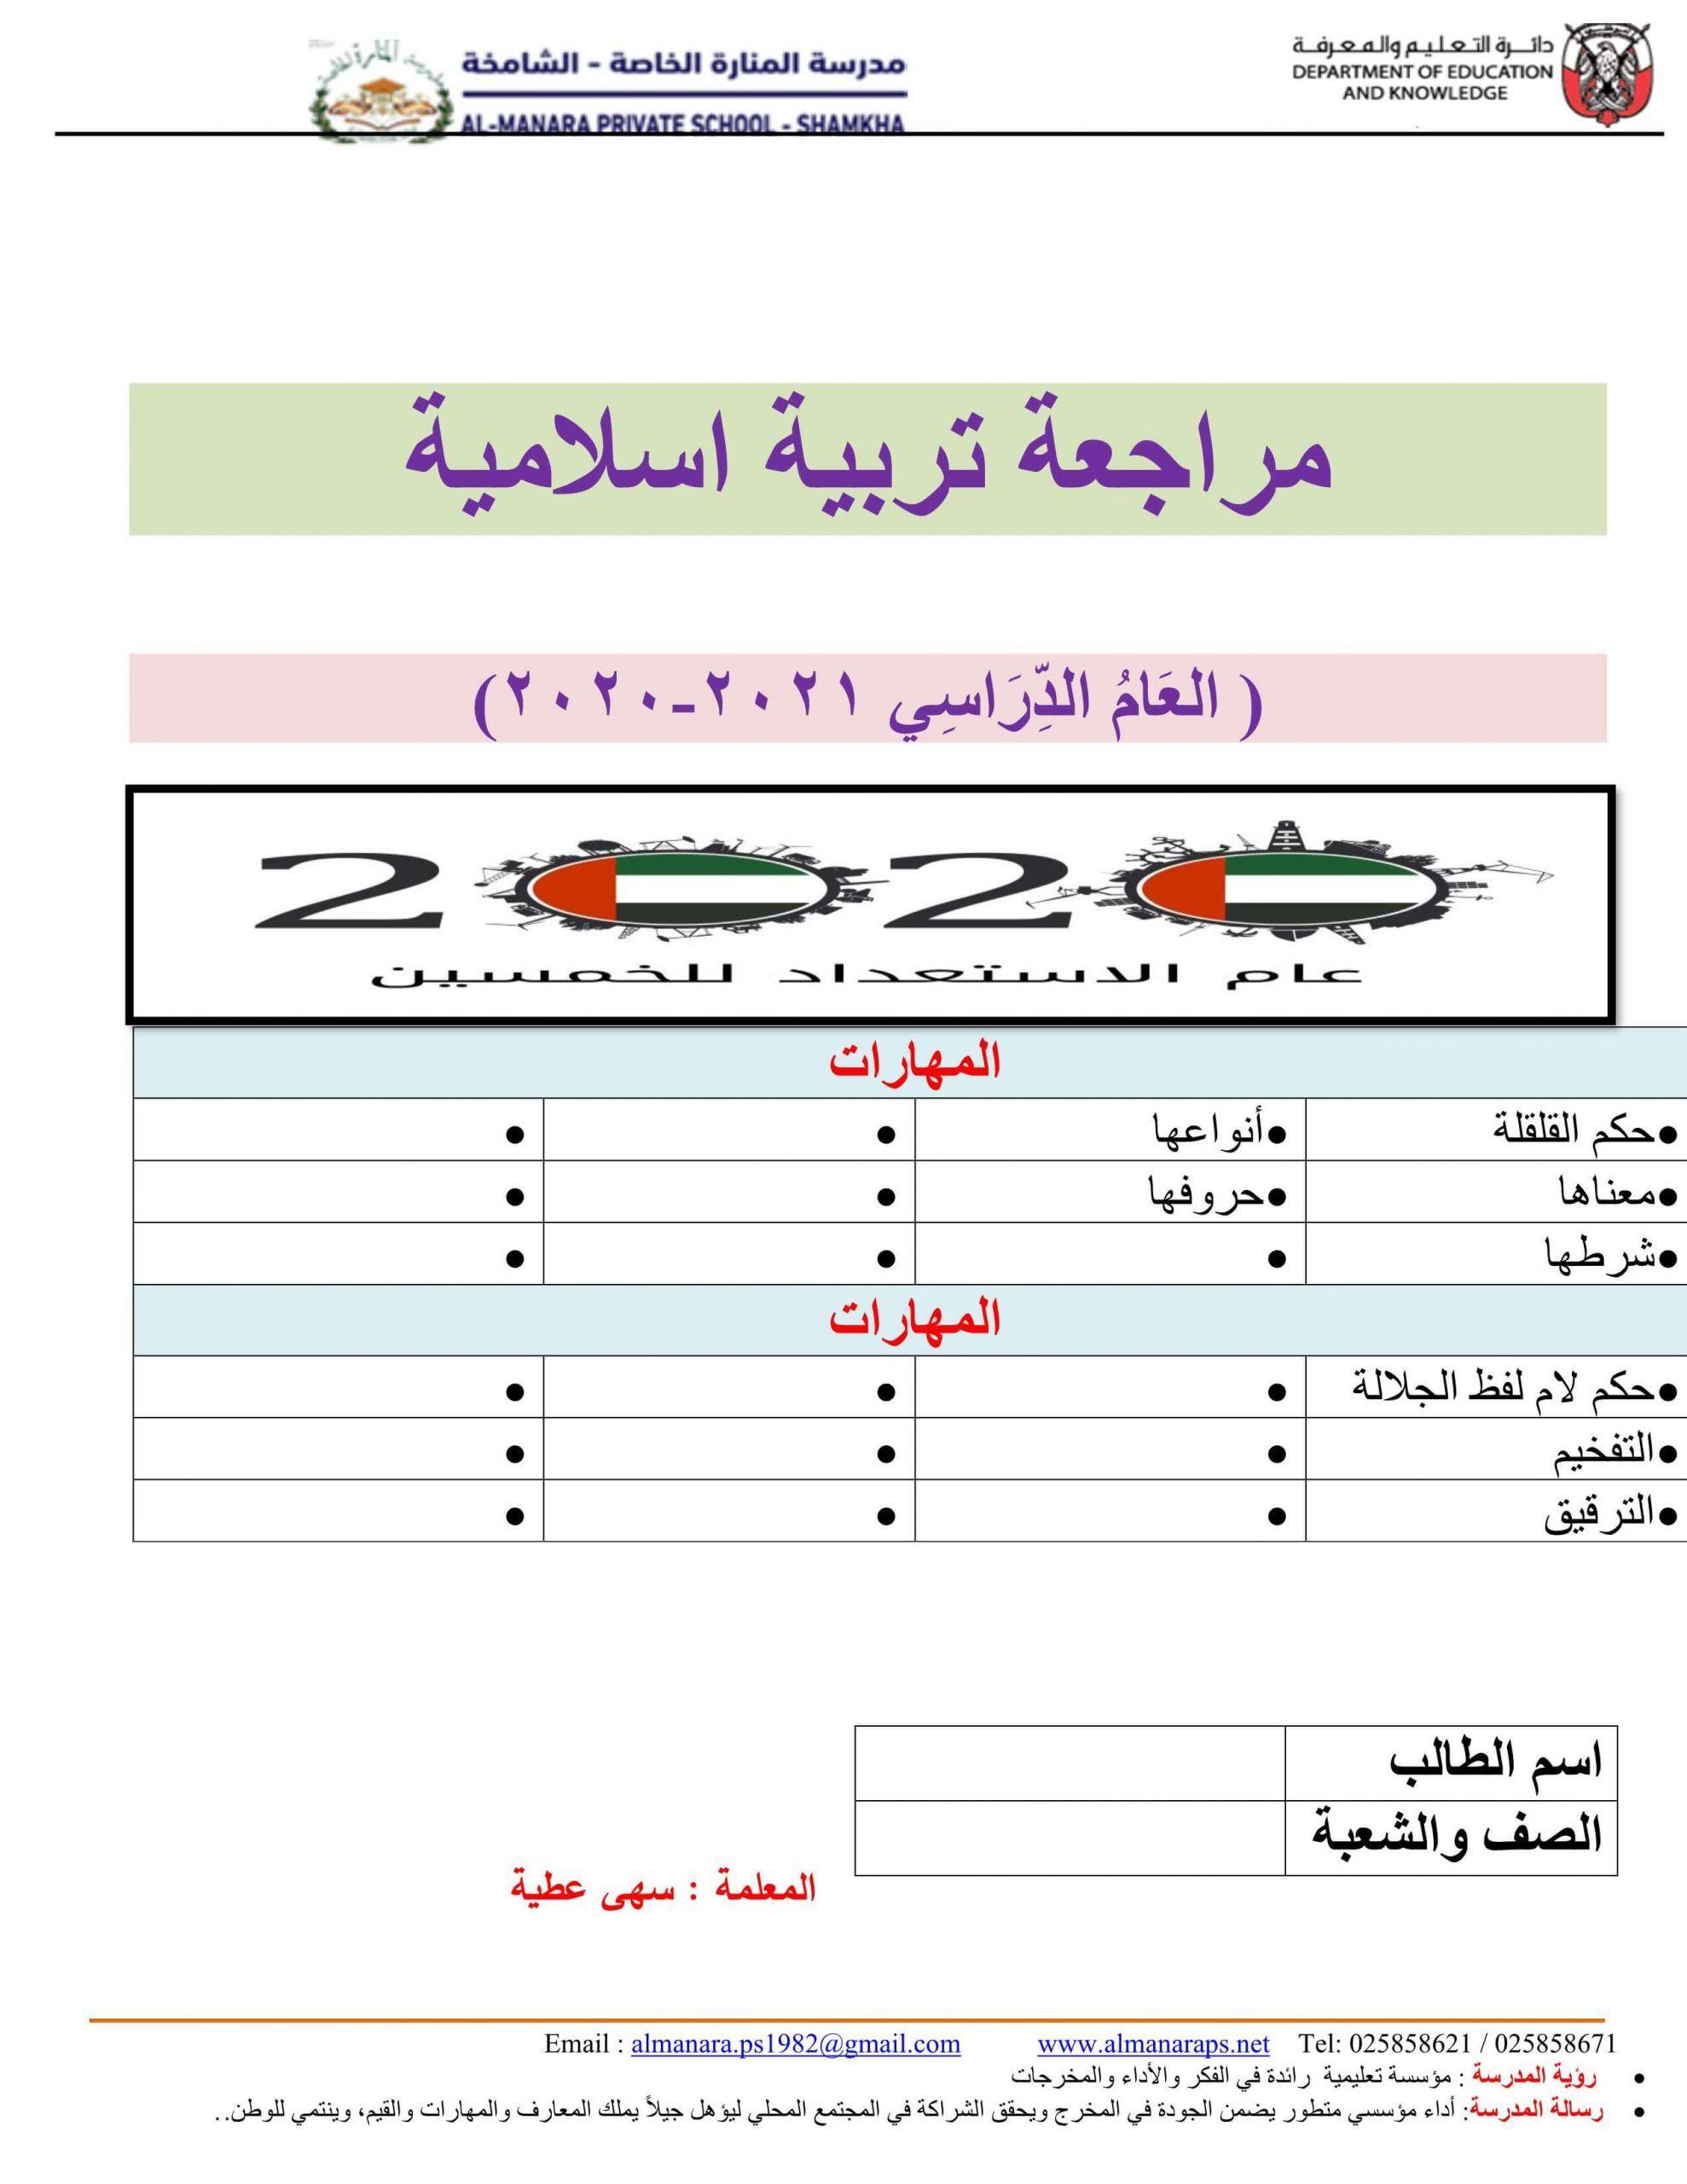 اوراق عمل درس لفظ الجلالة الصف الرابع مادة التربية الاسلامية Knowledge Map Map Screenshot